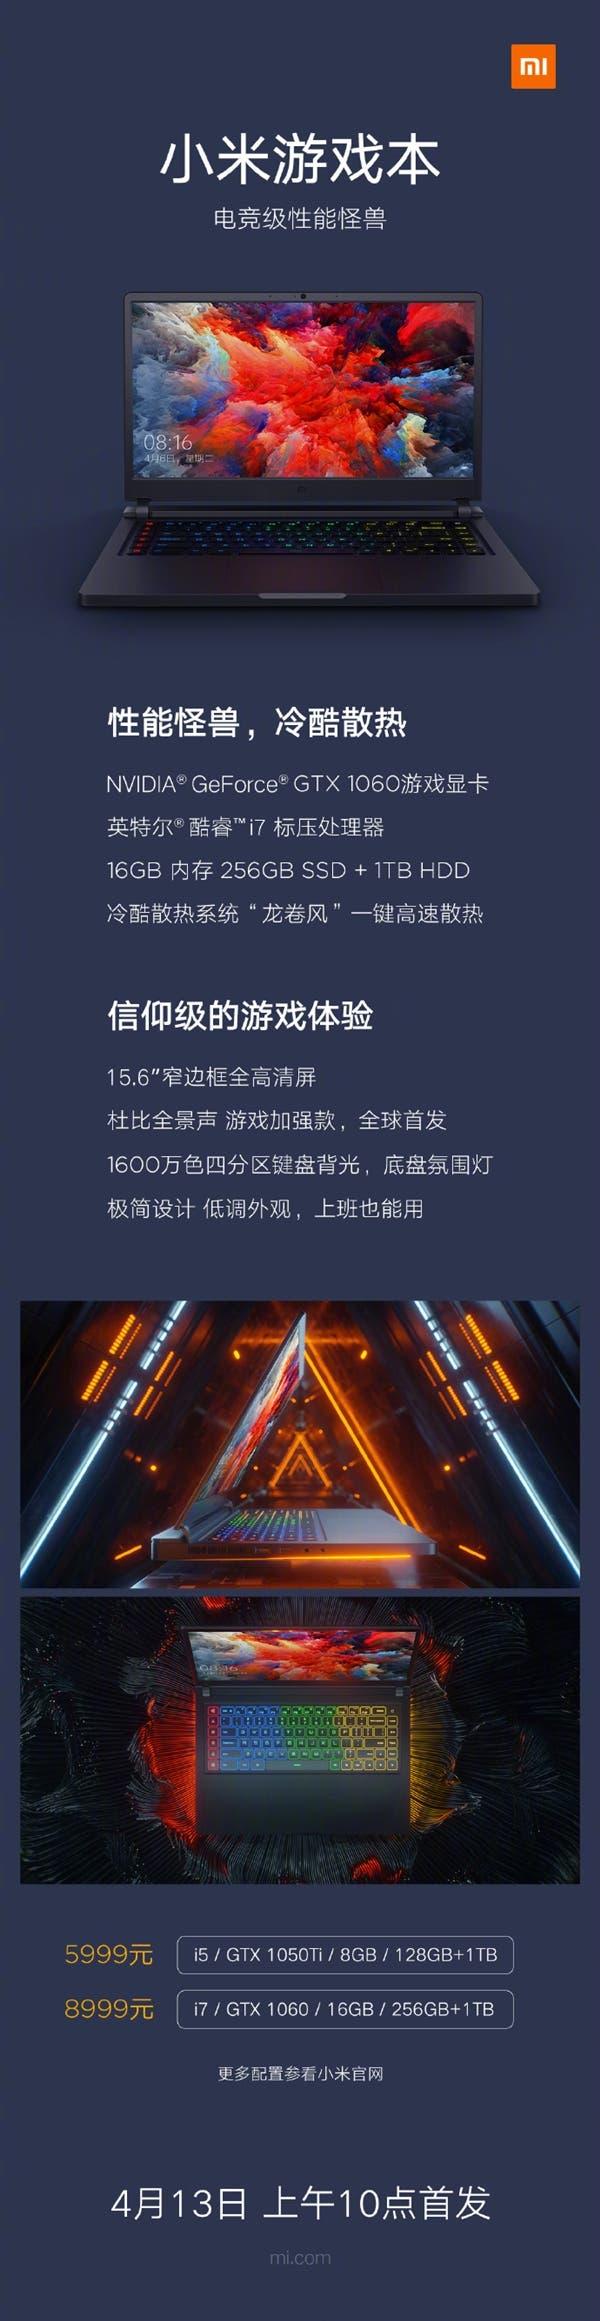 Xiaomi Gaming Laptop